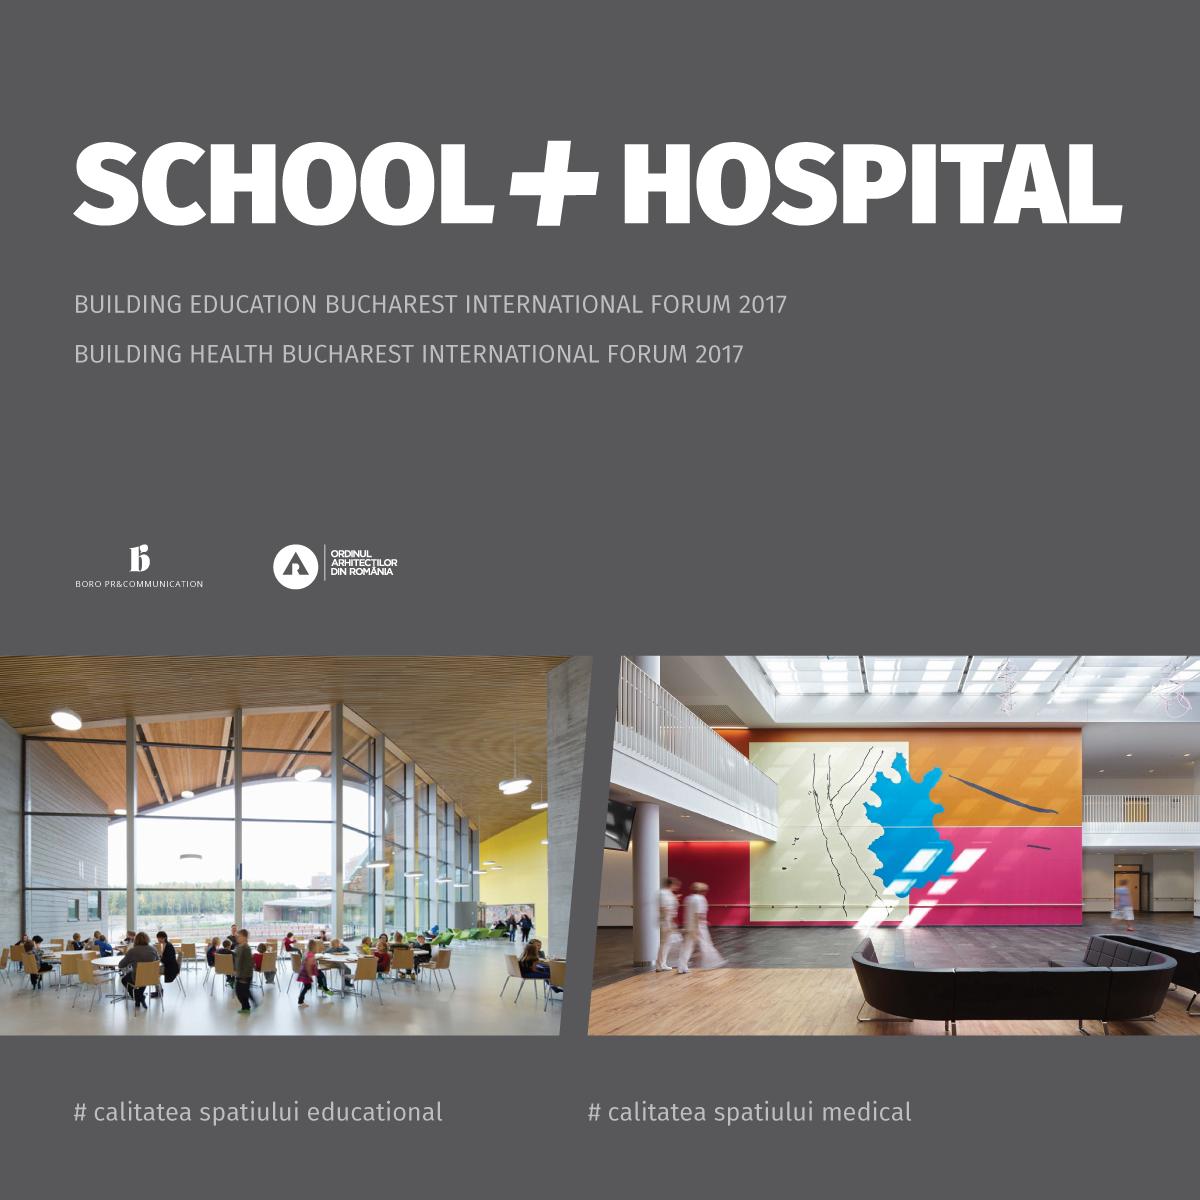 SCHOOL + HOSPITAL 2017 despre educatie sanatate si arhitectura - SCHOOL + HOSPITAL 2017 despre educatie